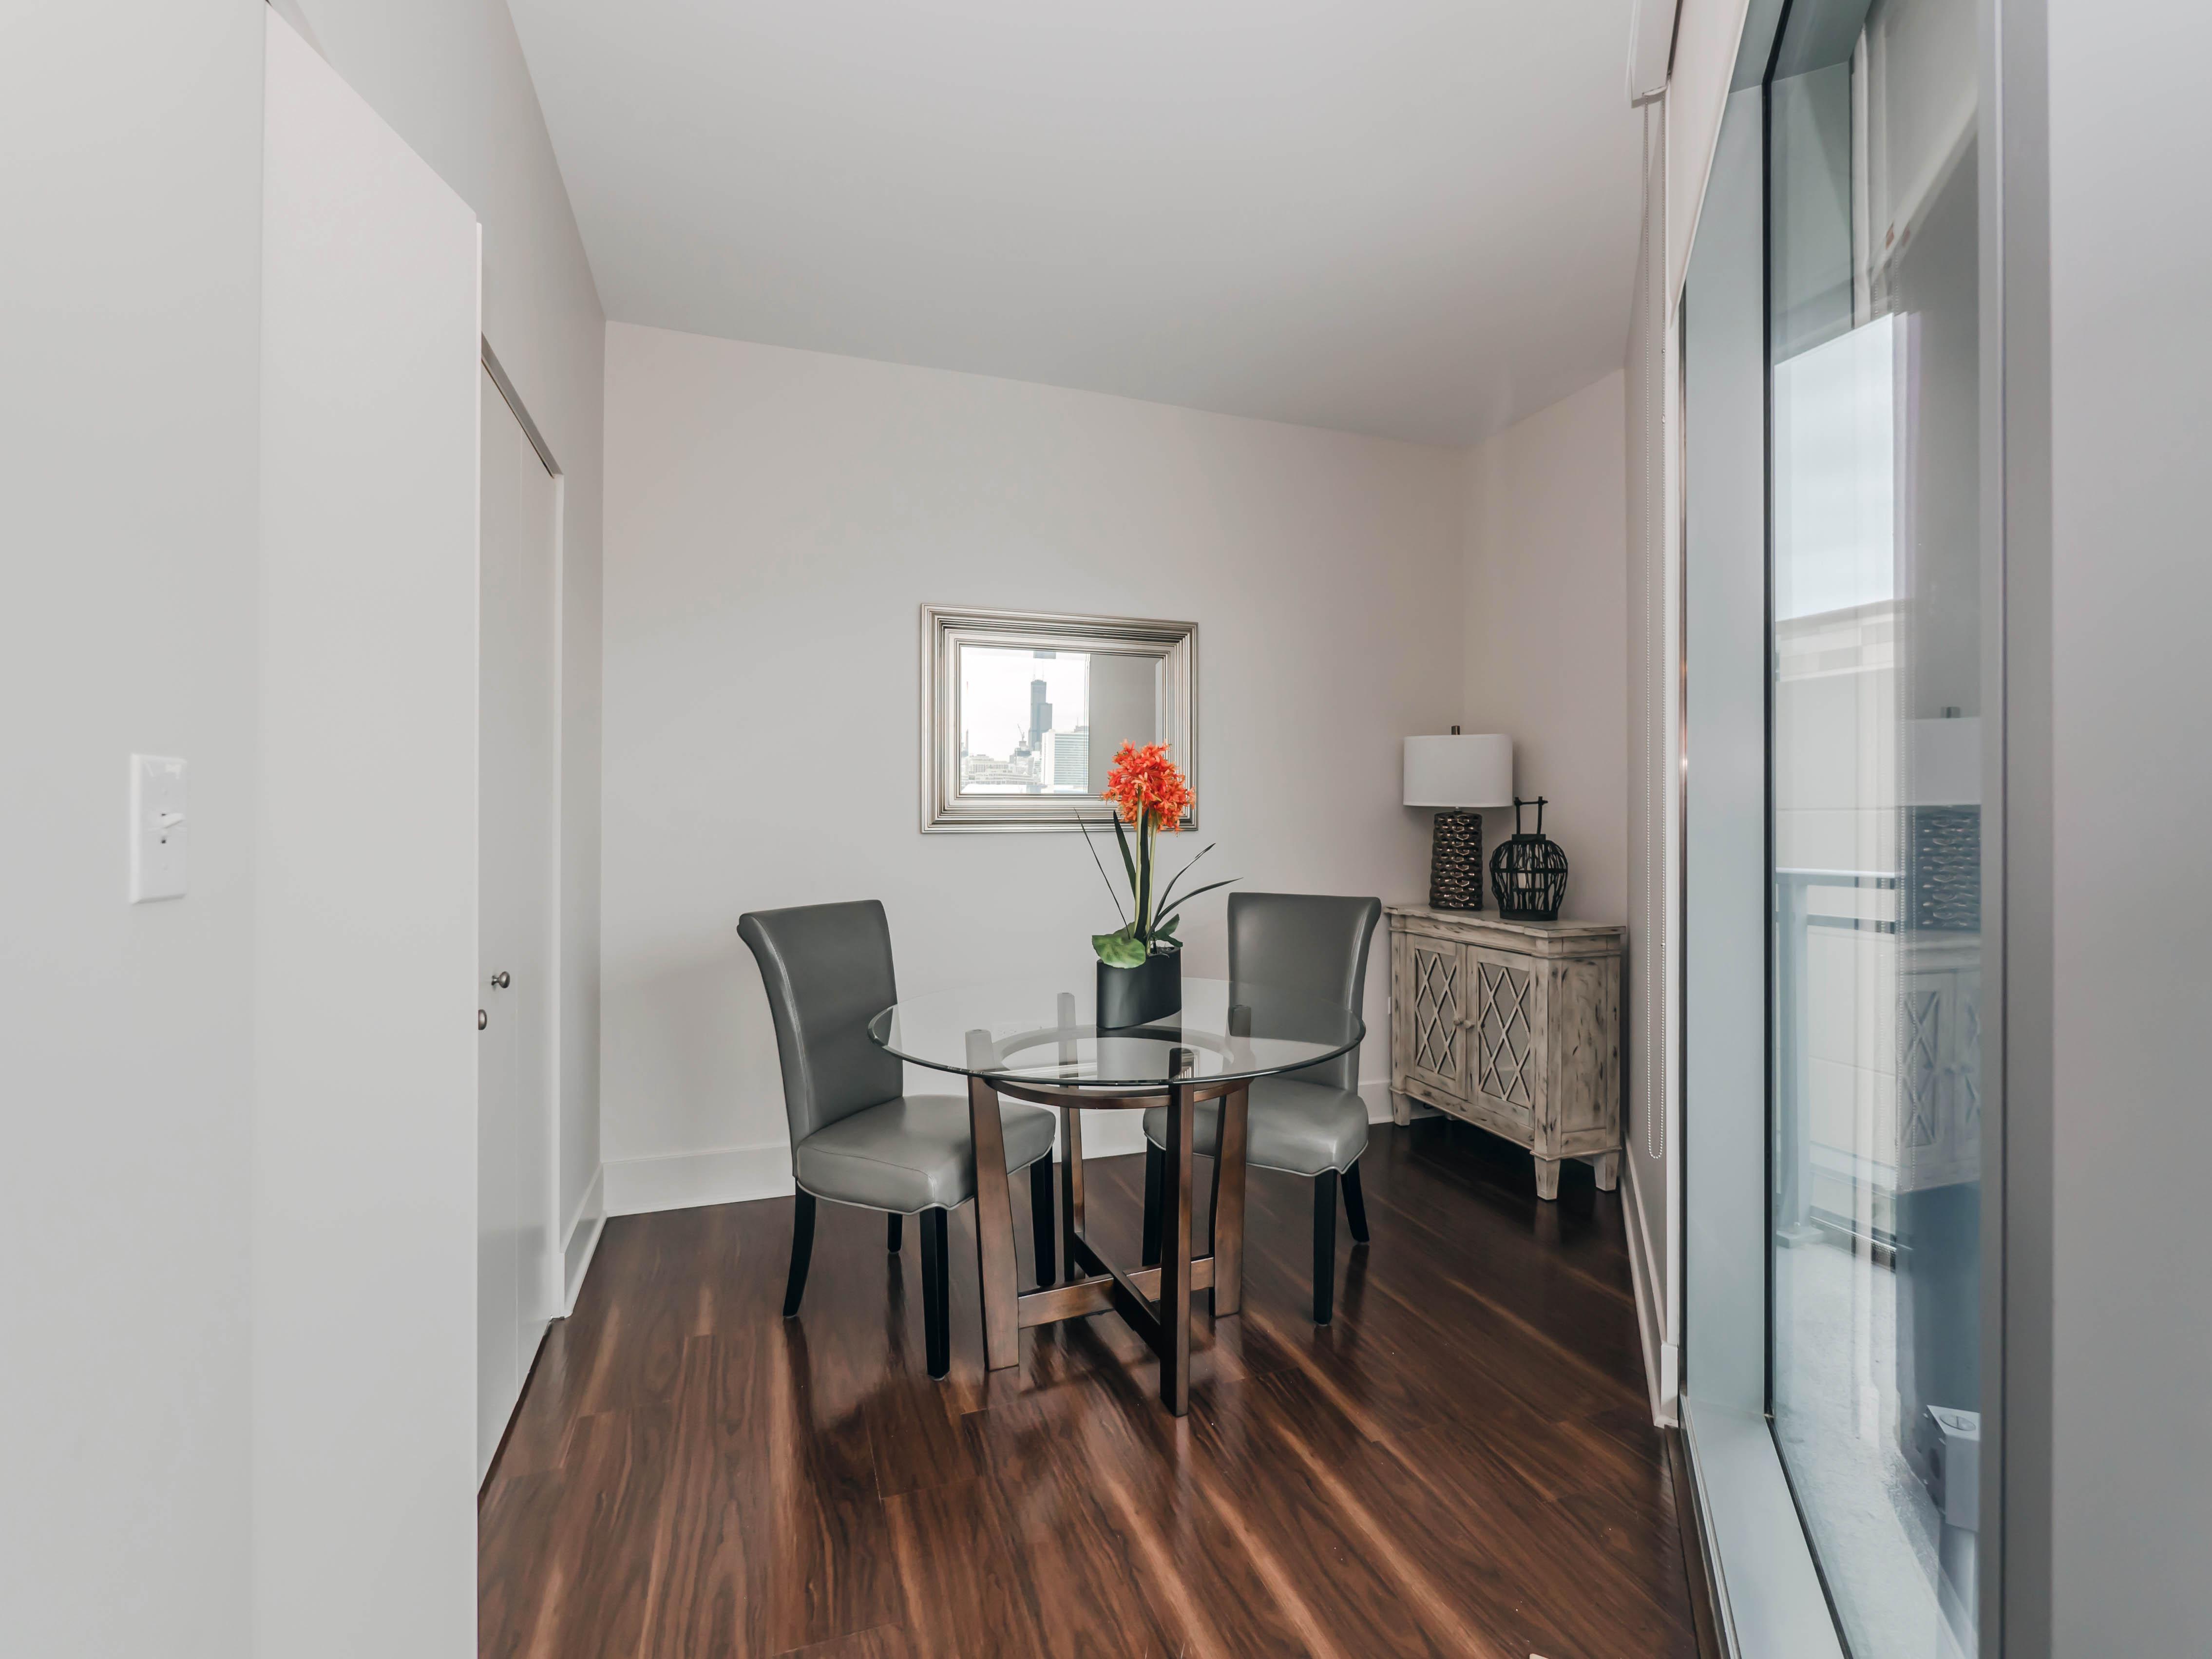 one bedroom apartments with den bedroom floor plan 1 bedroom den rh ktftq p7 de